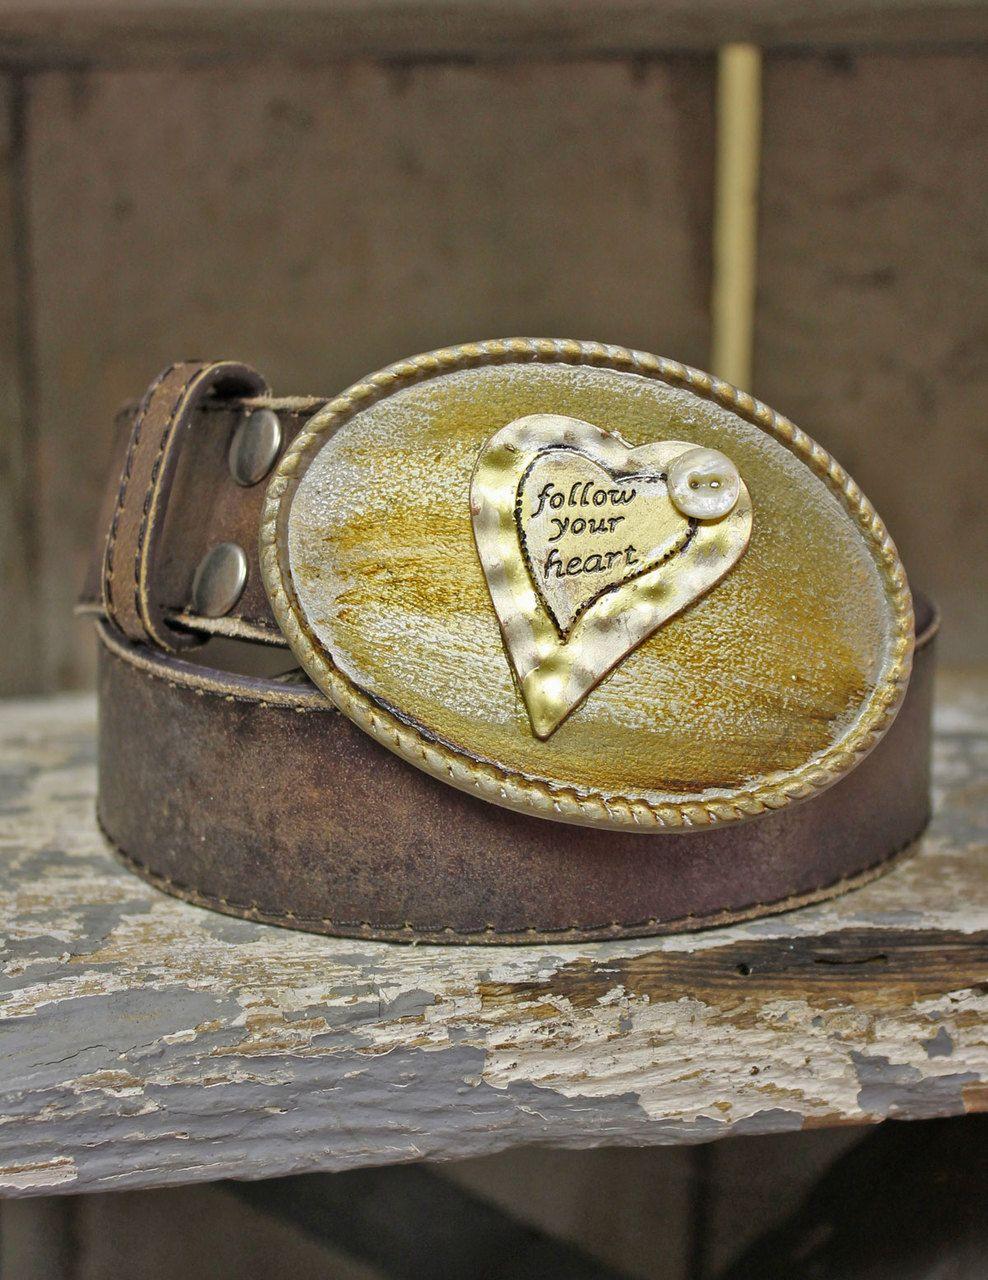 (http://www.dangchicks.com/product/new-arrivals/handmade-belt-buckle-follow-heart/)